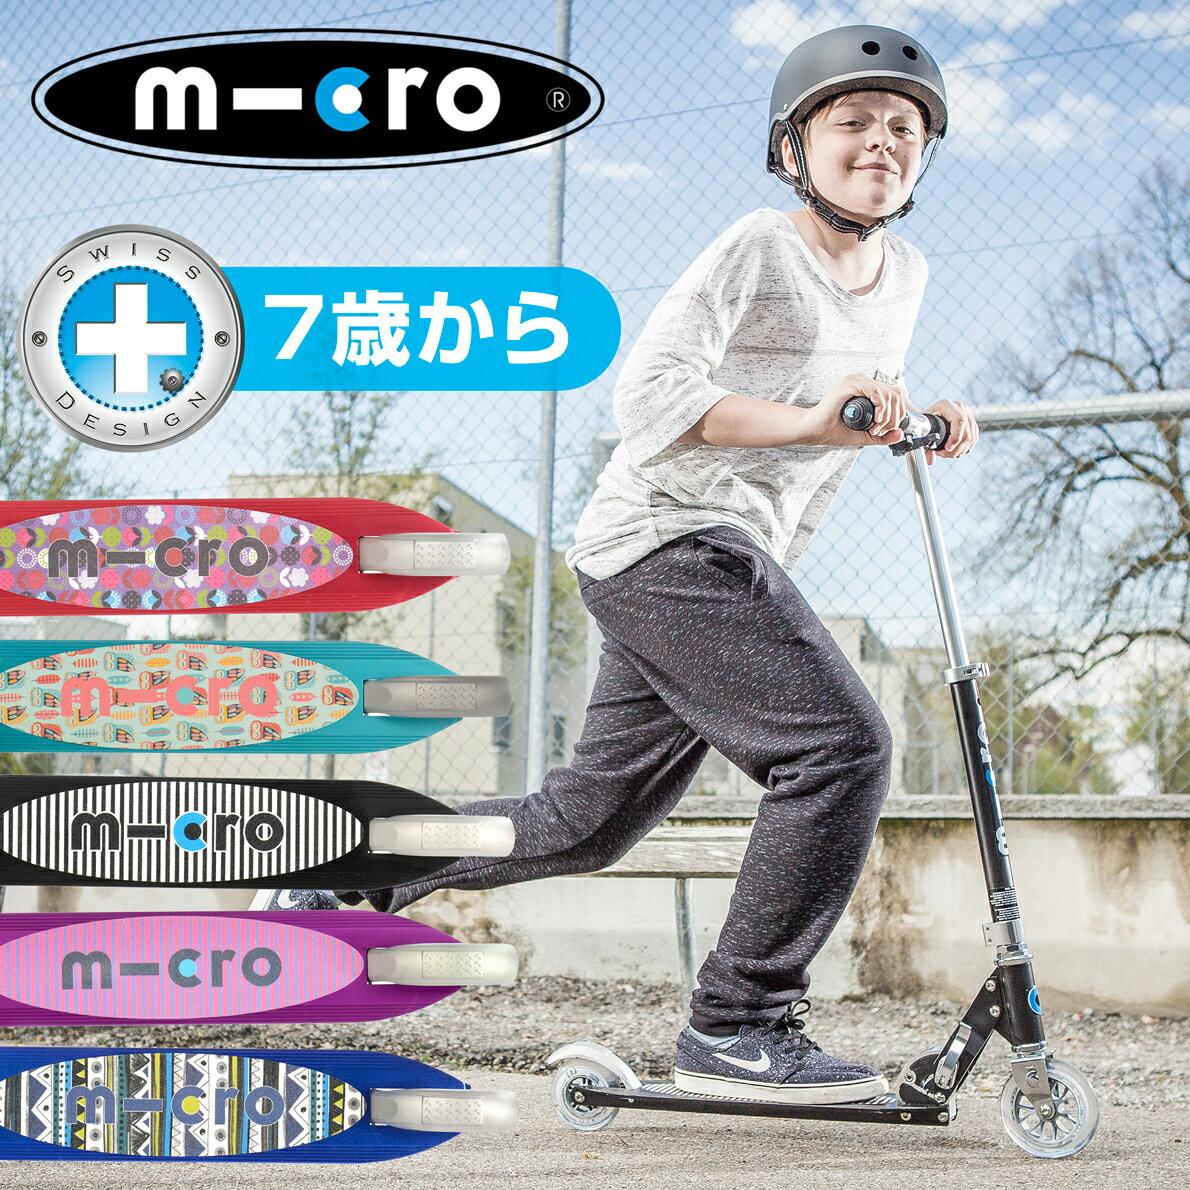 マイクロ・スプライト・スペシャル・エディション【7歳以上から大人まで】軽量&コンパクト|初めての2輪スクーターにも最適|スタイリッシュなスイスデザイン|送料無料|正規品|メーカー2年保証|キックボード